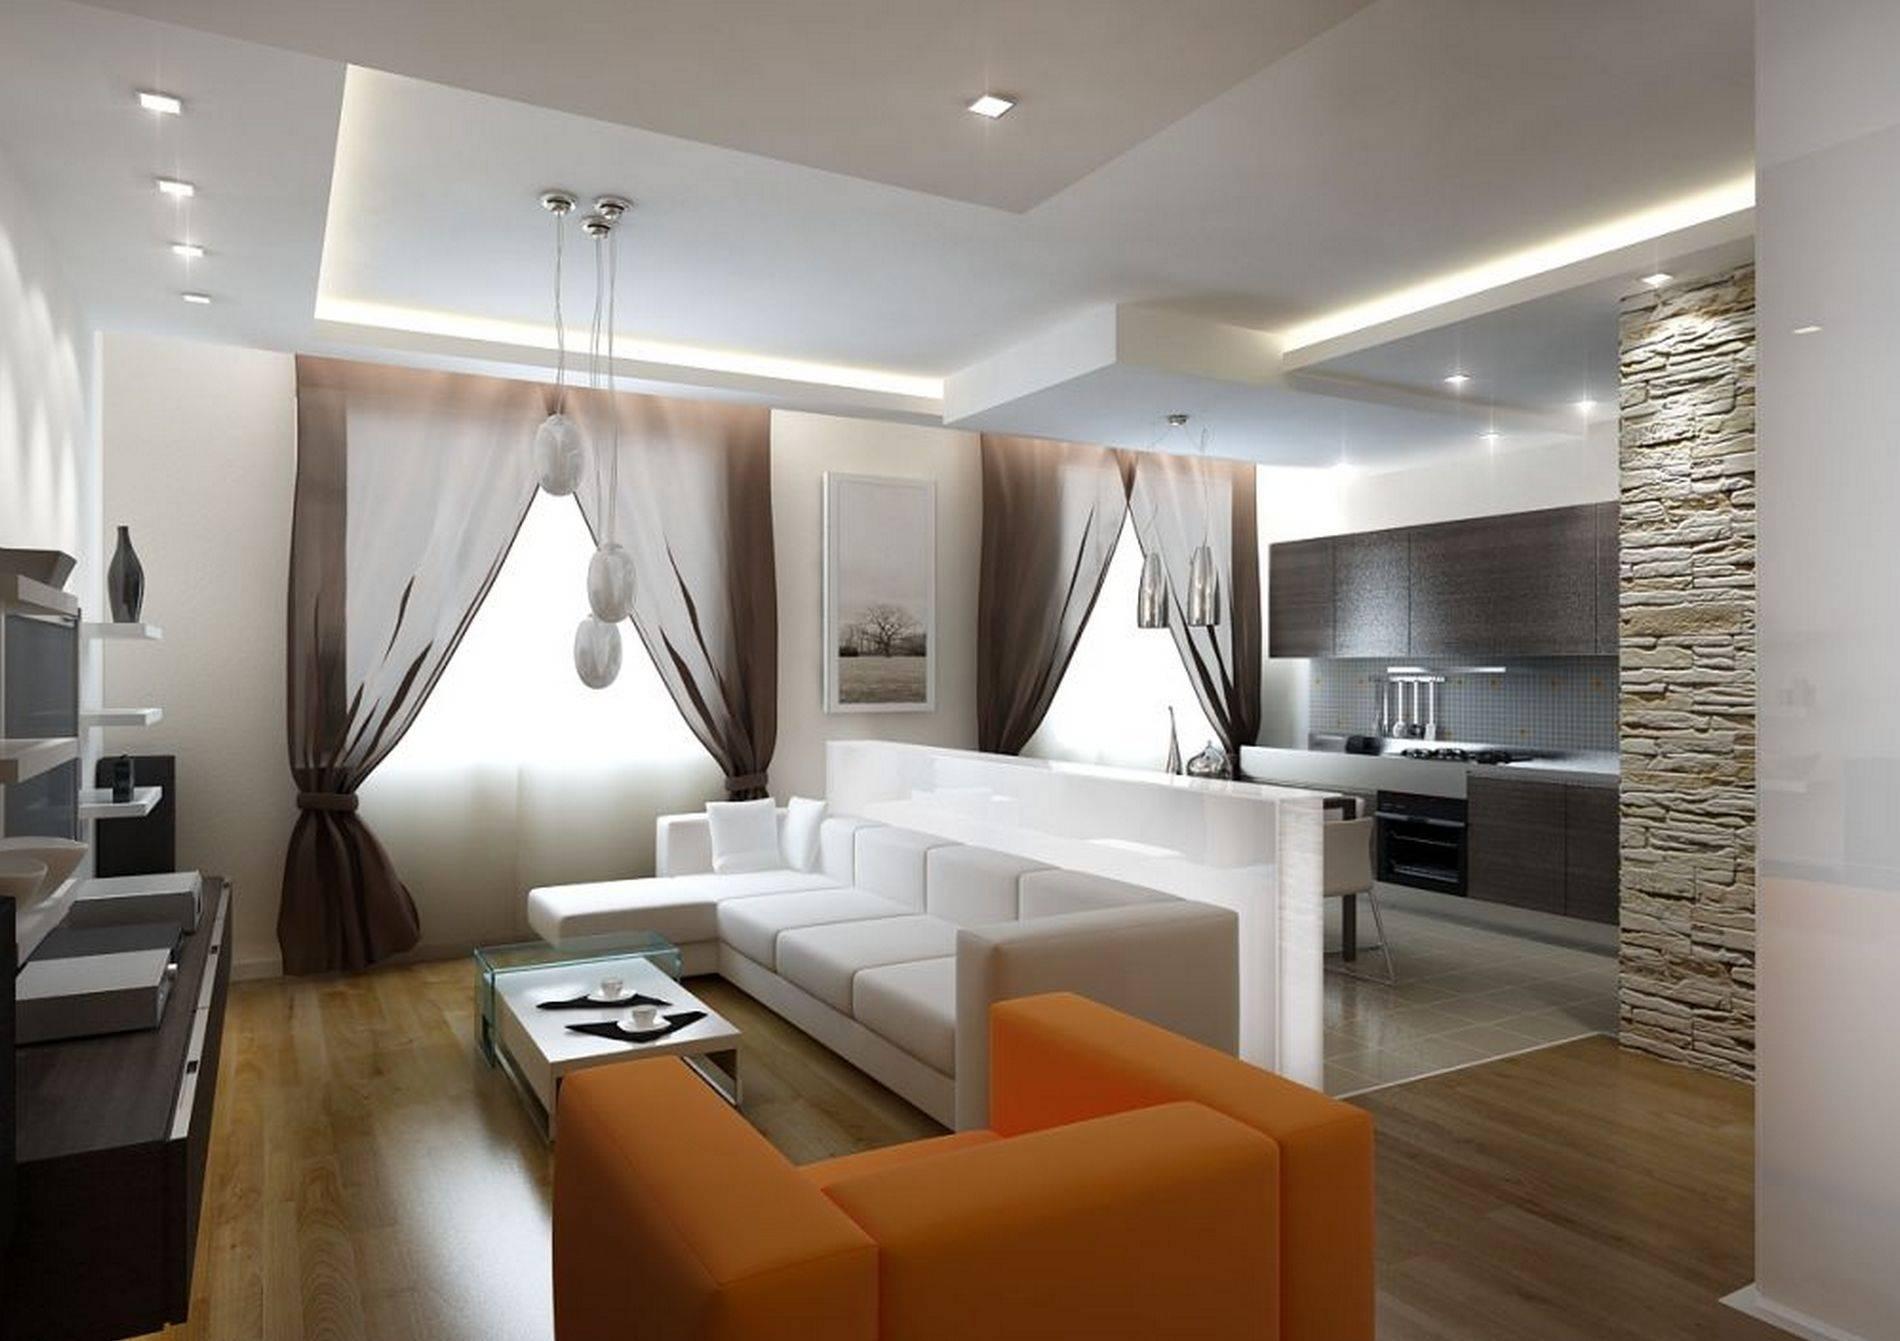 20 лучших примеров дизайна кухни-гостиной 25 кв. м